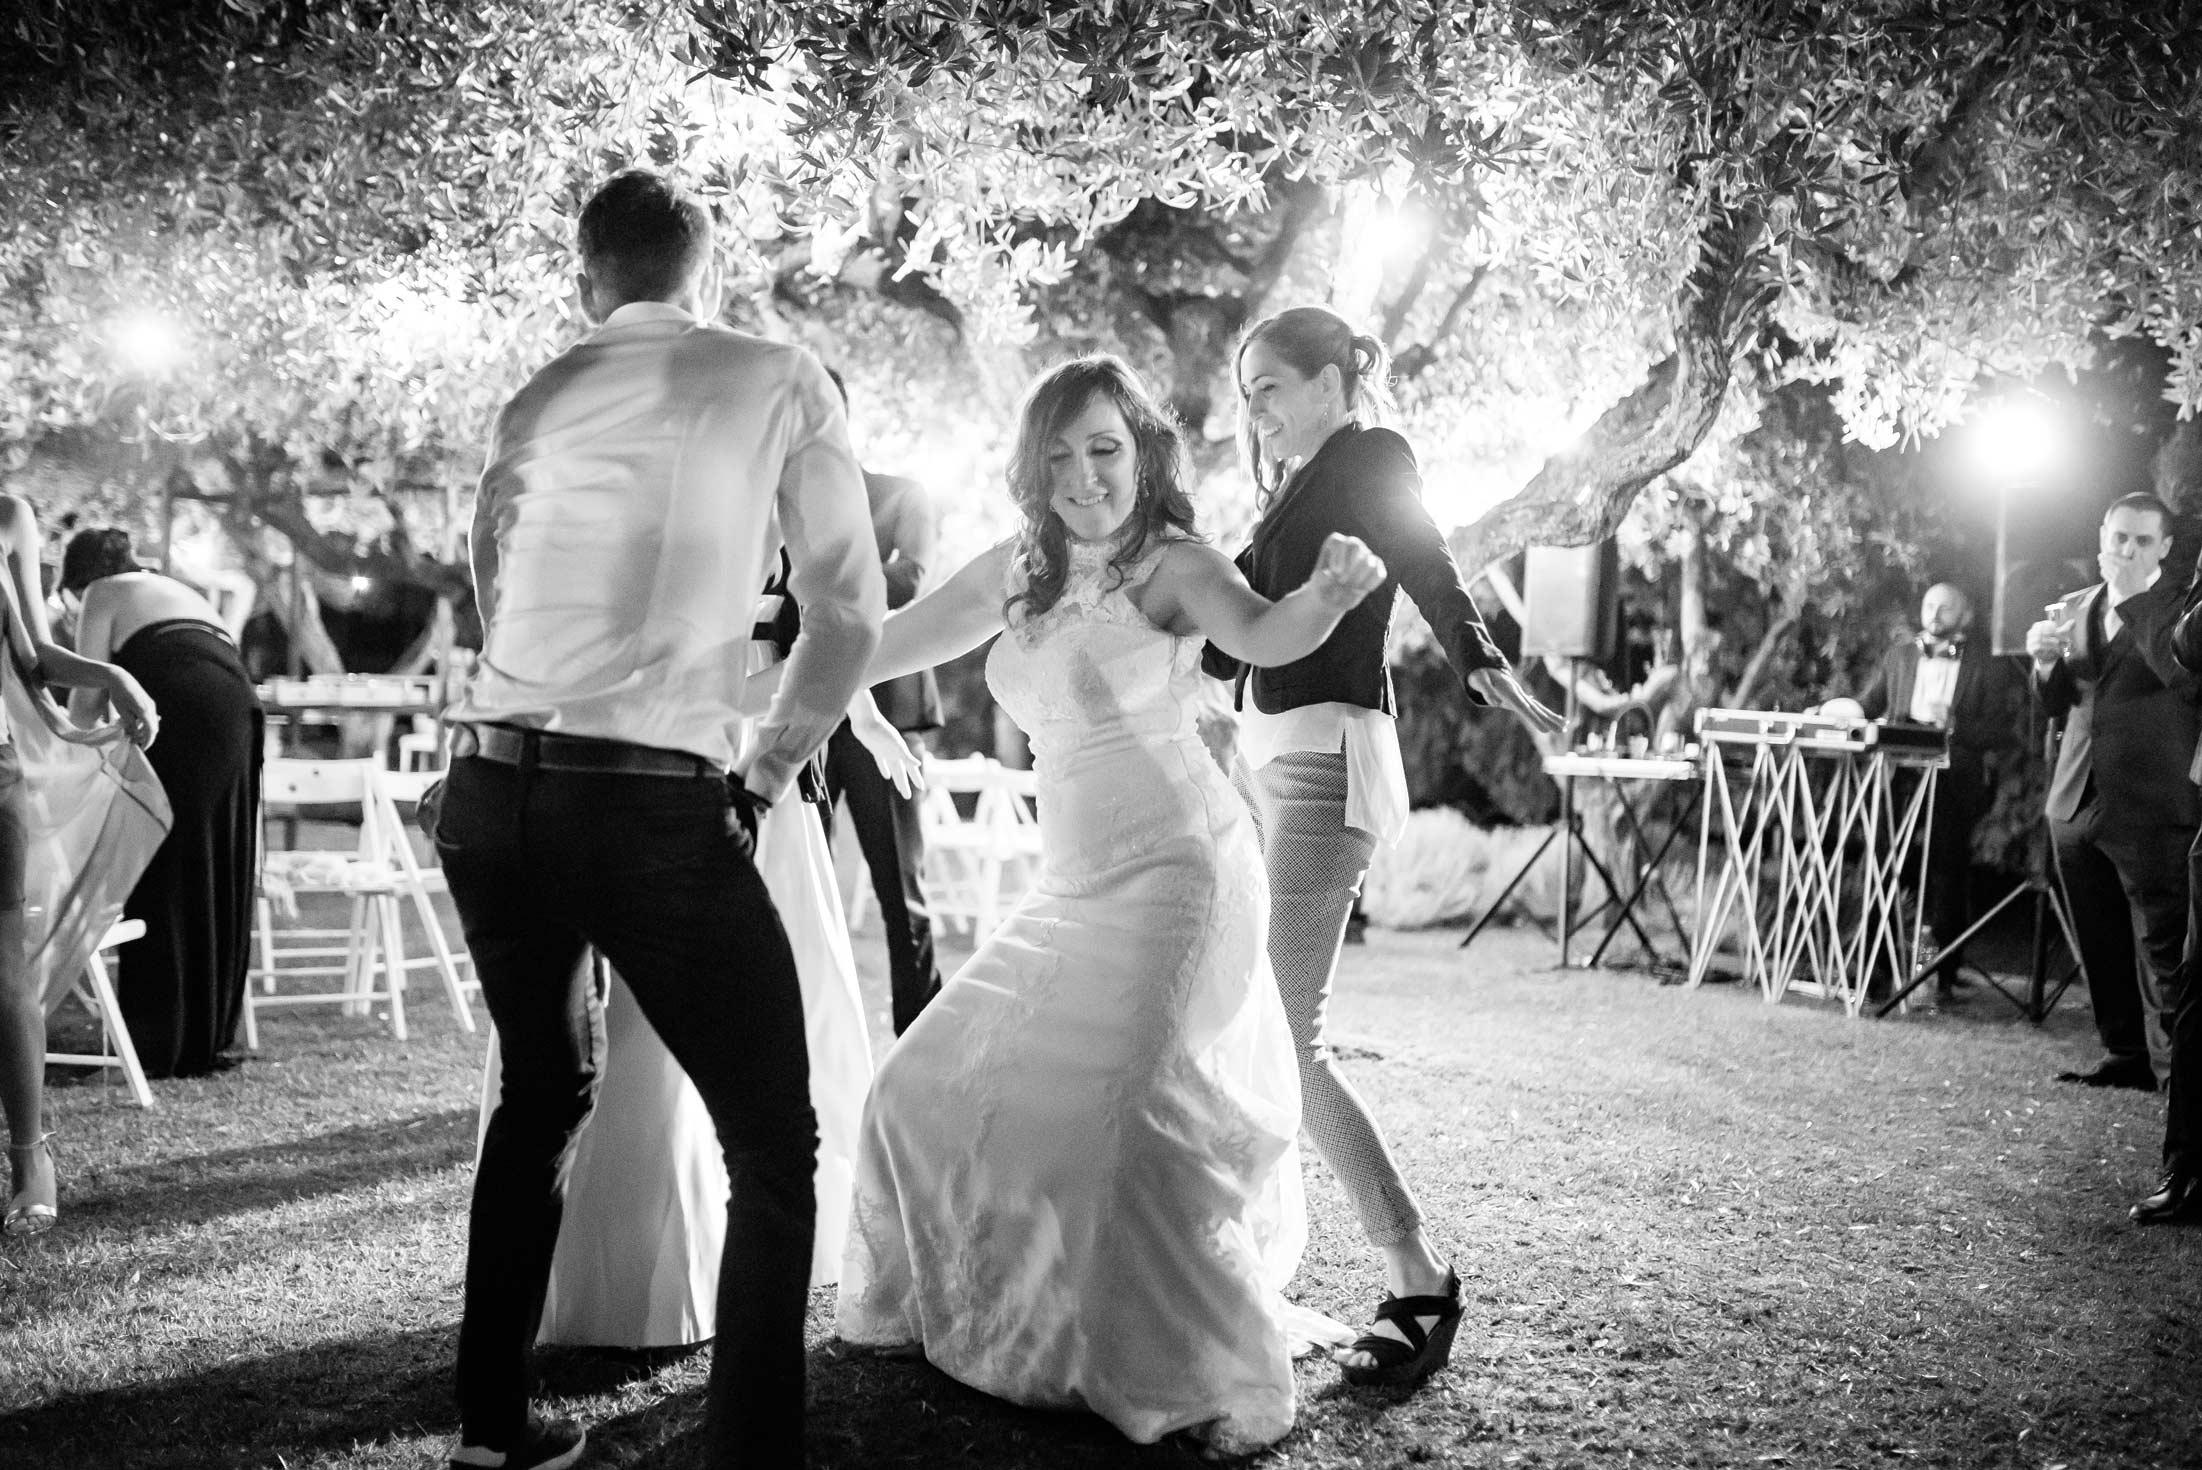 Reportage-Destination-Wedding-Italy-Party